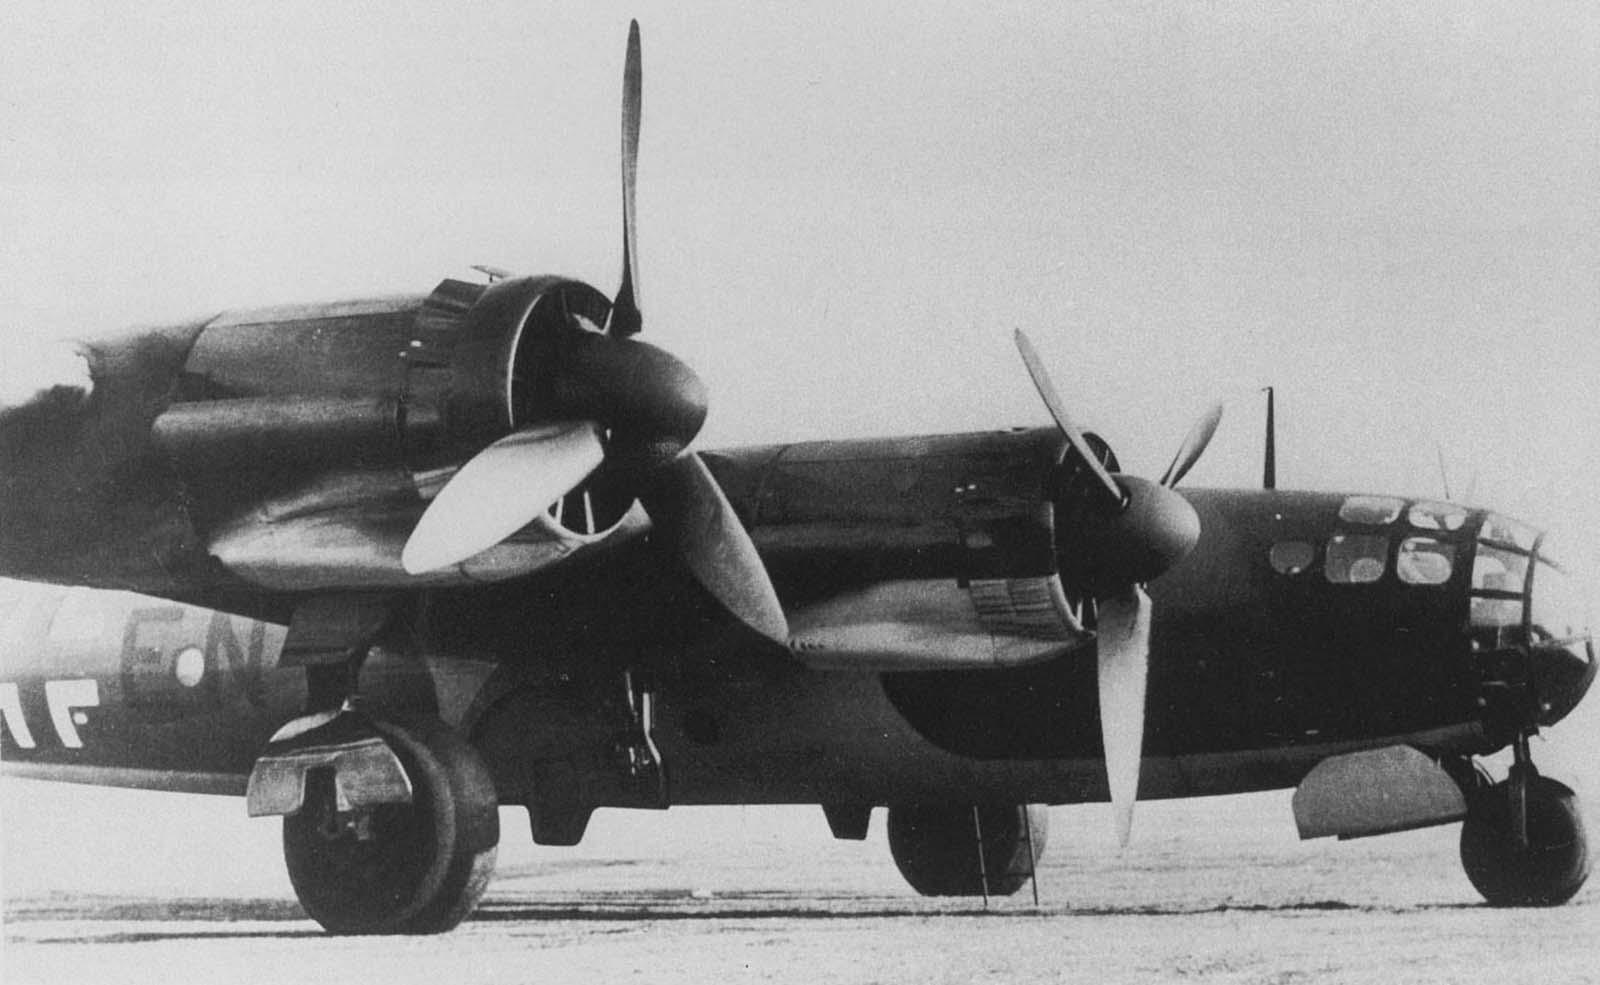 Messerschmitt Me 264 Amerika bomber, 1942.